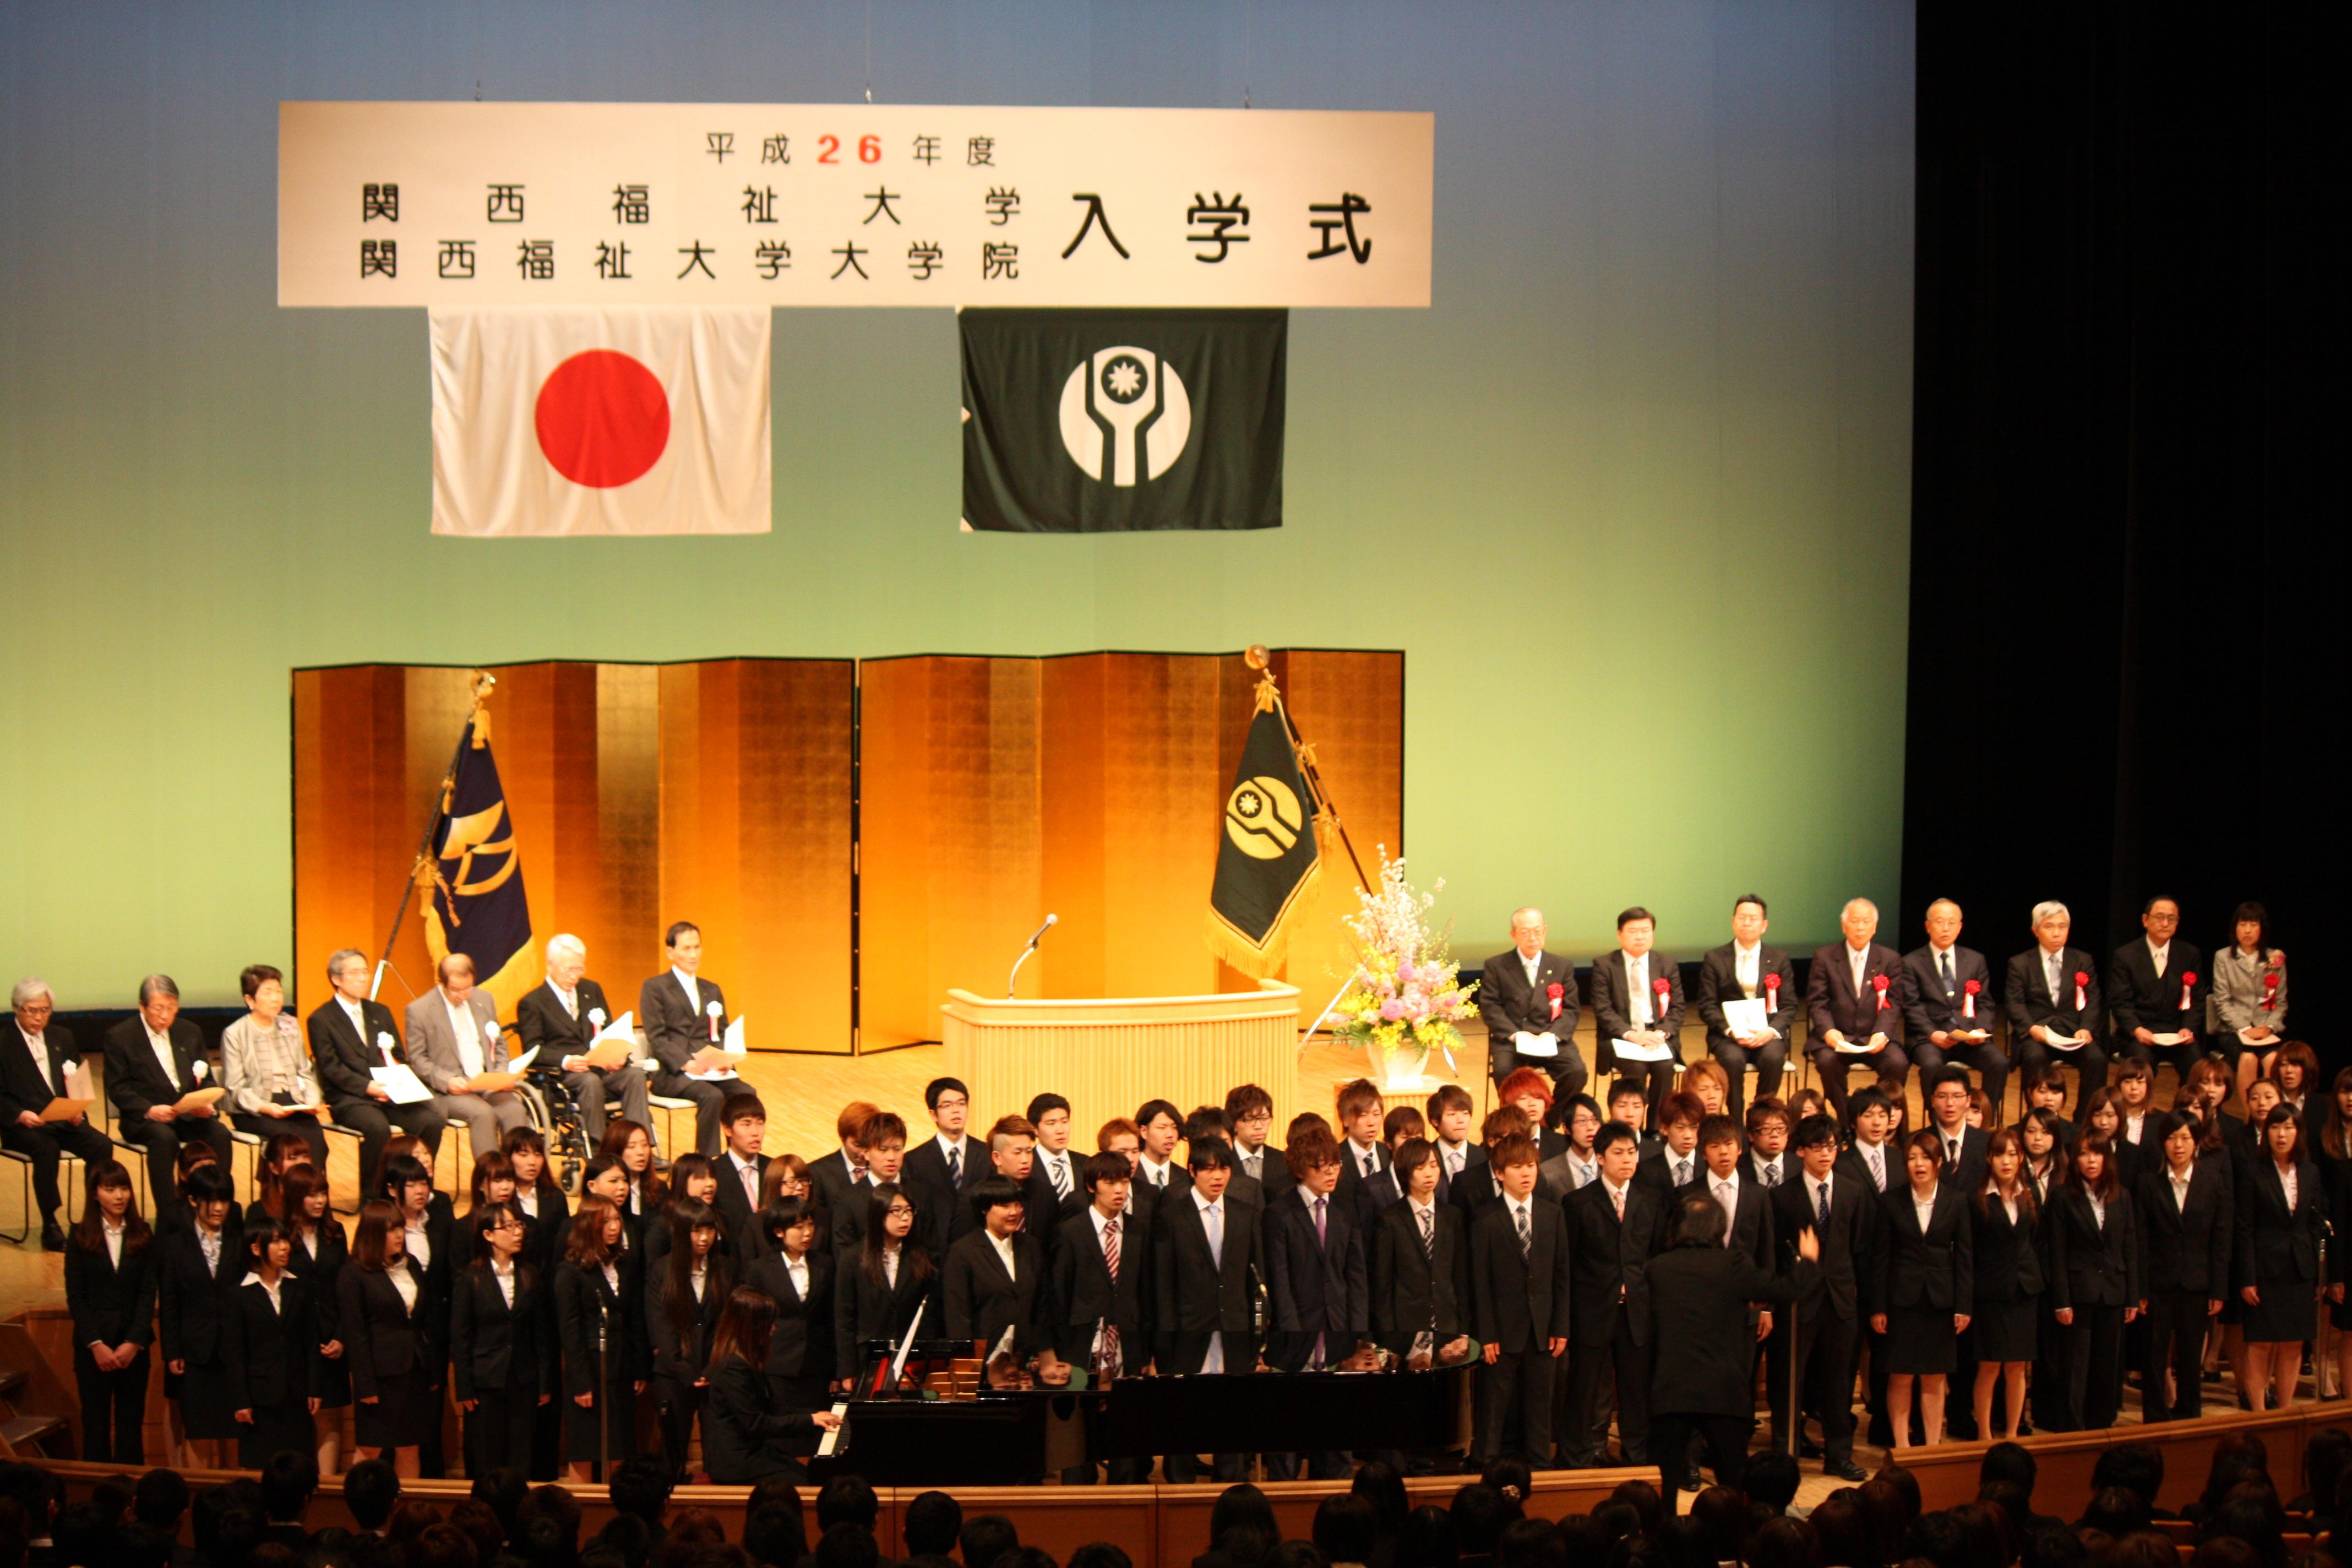 平成26年度 関西福祉大学入学式...